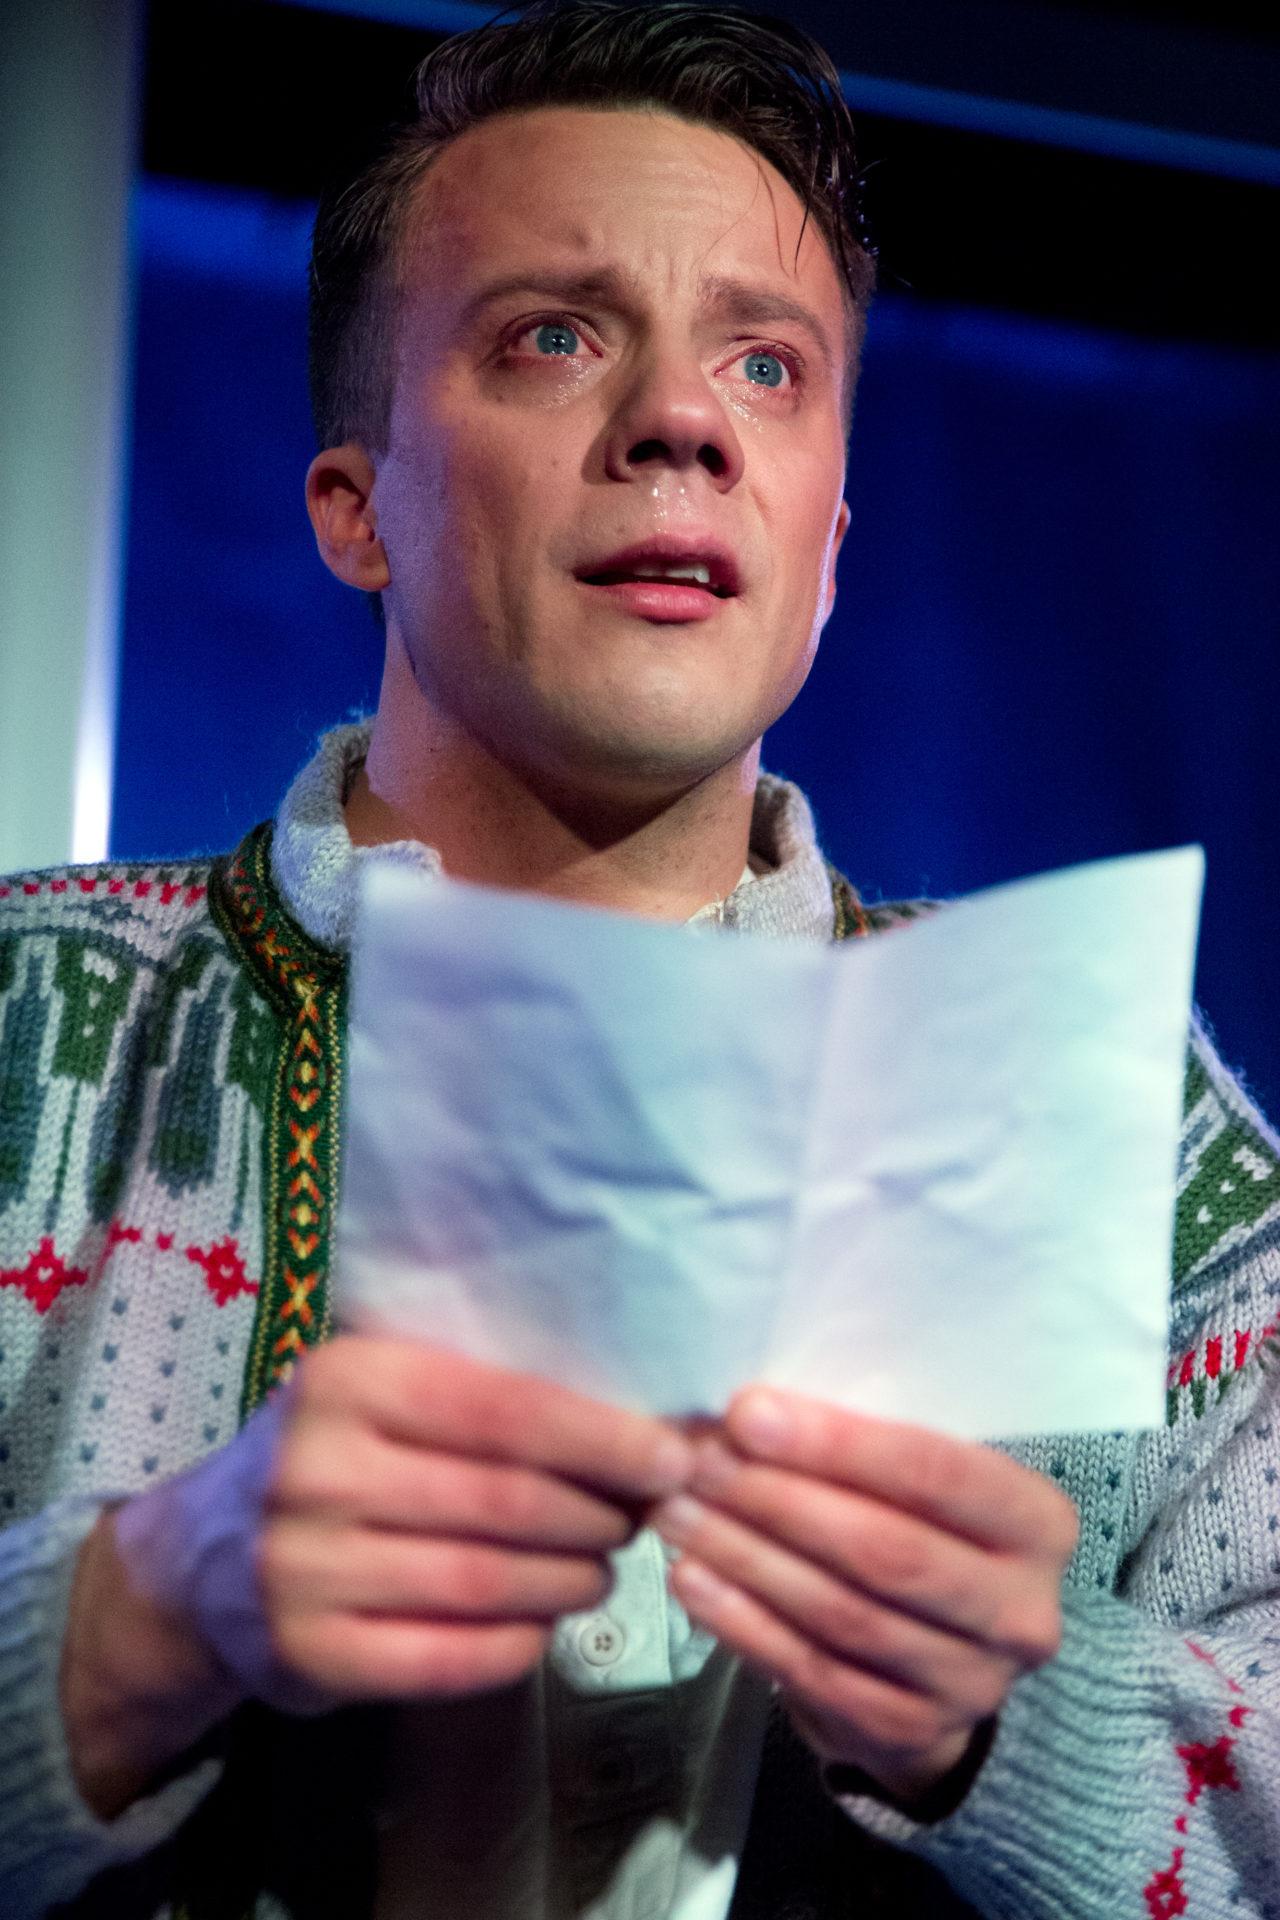 Mann gråter med et brev i hendene